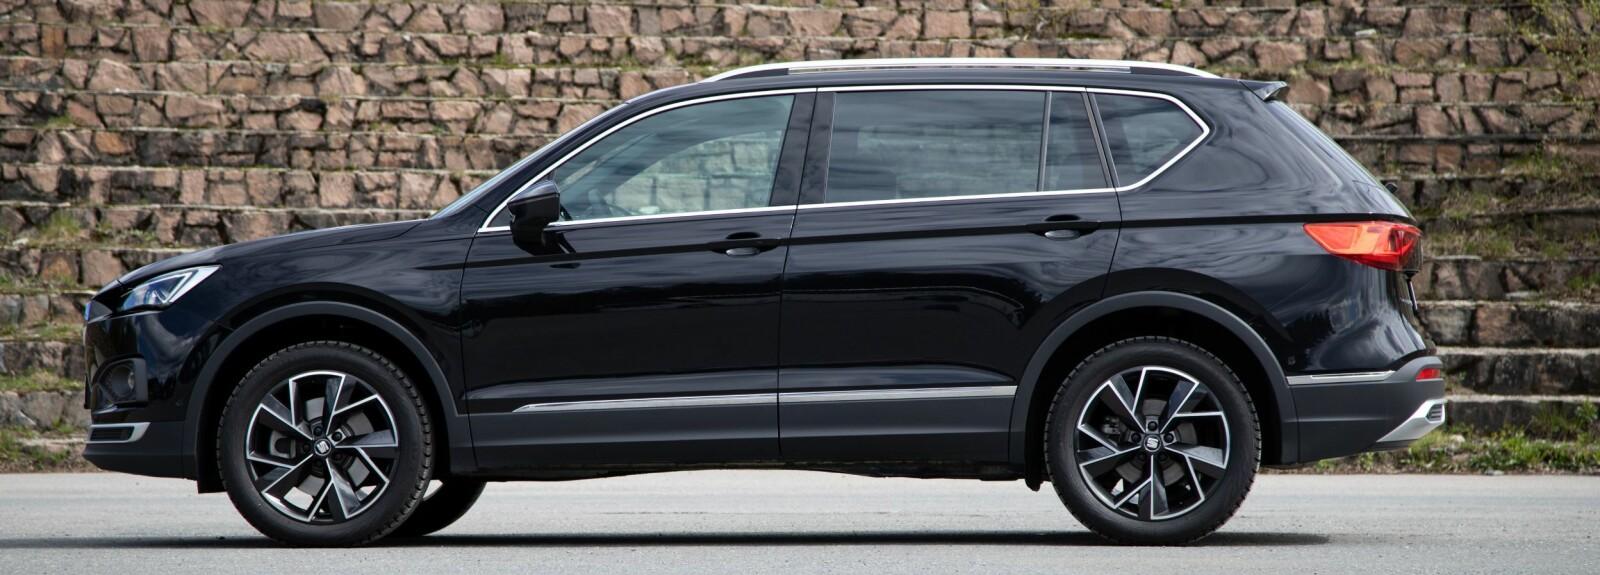 <b>TØFF:</b> Seat Tarraco er en stor SUV på godt over 4,7 meter. Litt skarpere kanter enn broder Skoda Kodiaq.